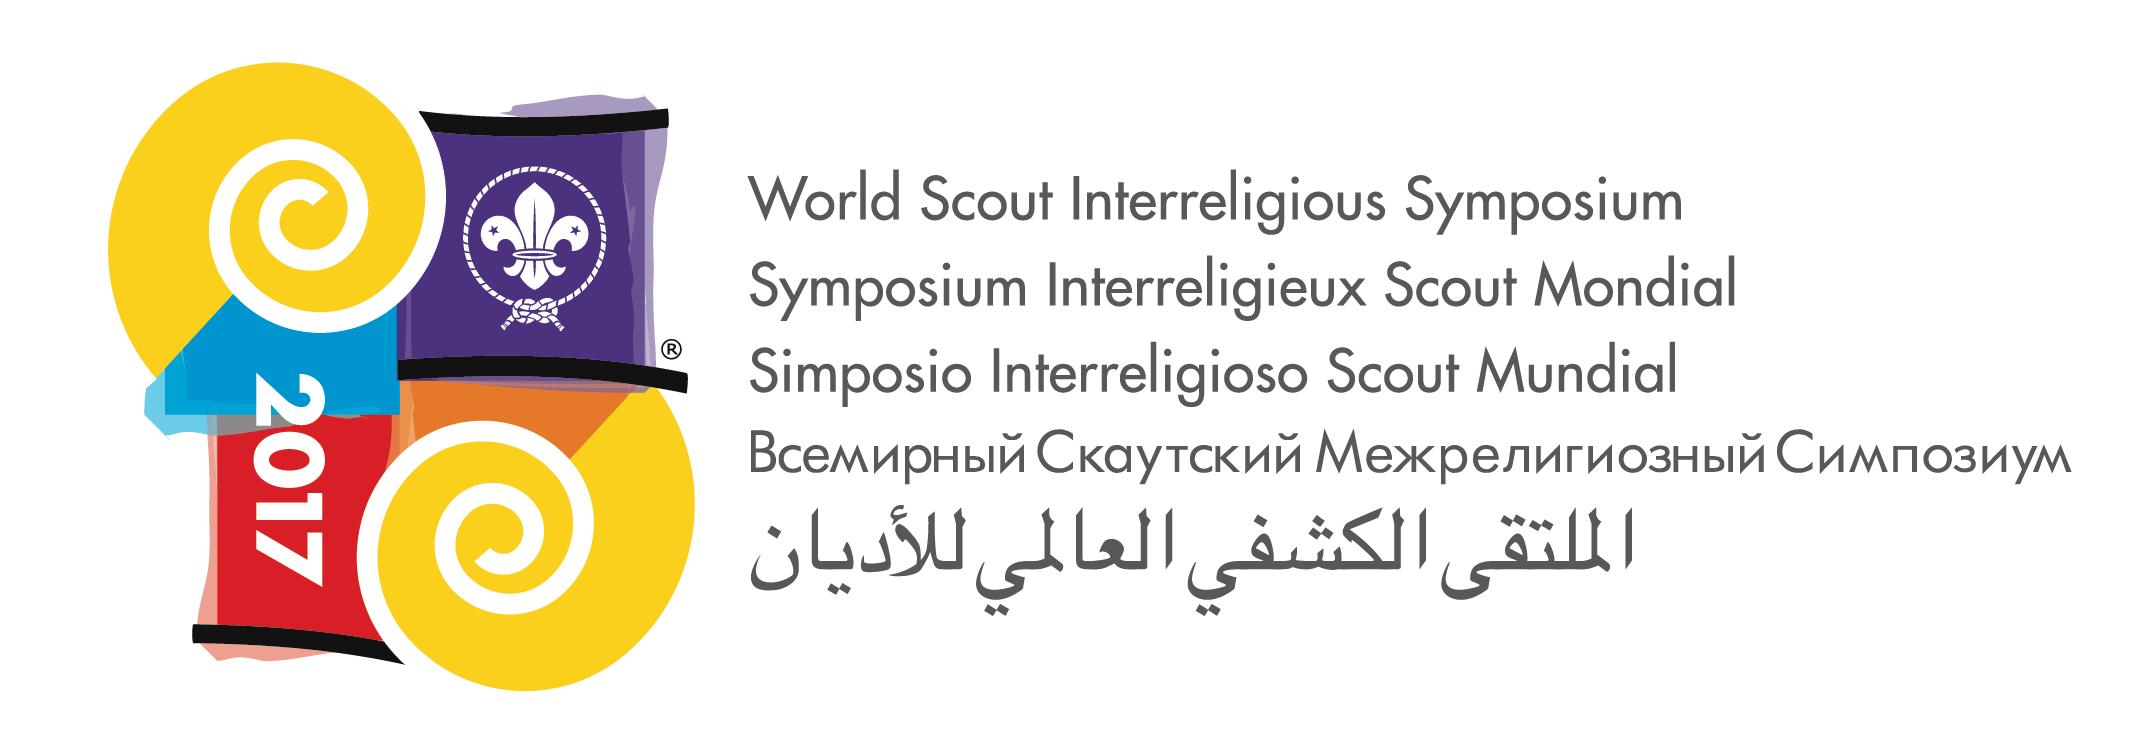 5th World Scout Interreligious Symposium